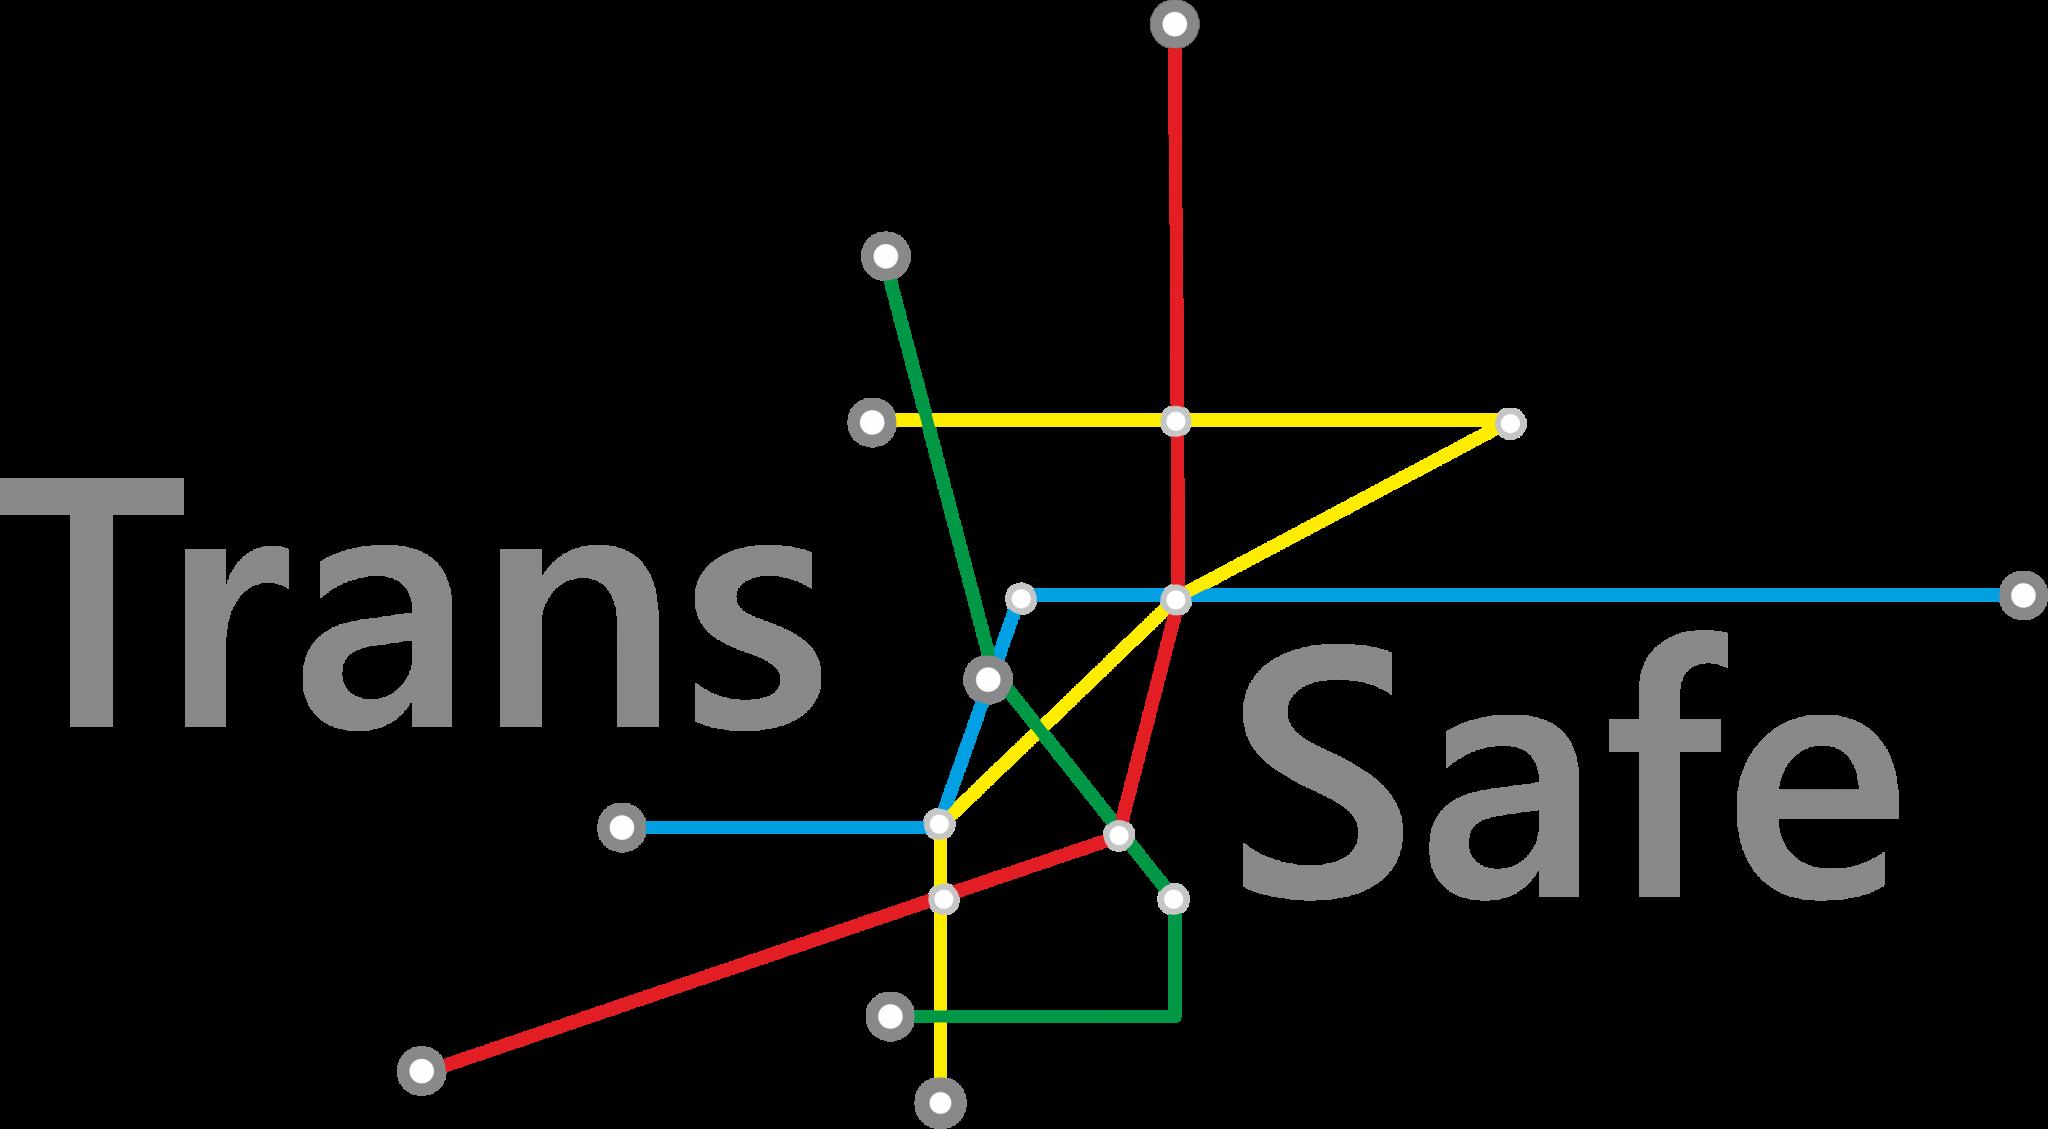 Trans Safe